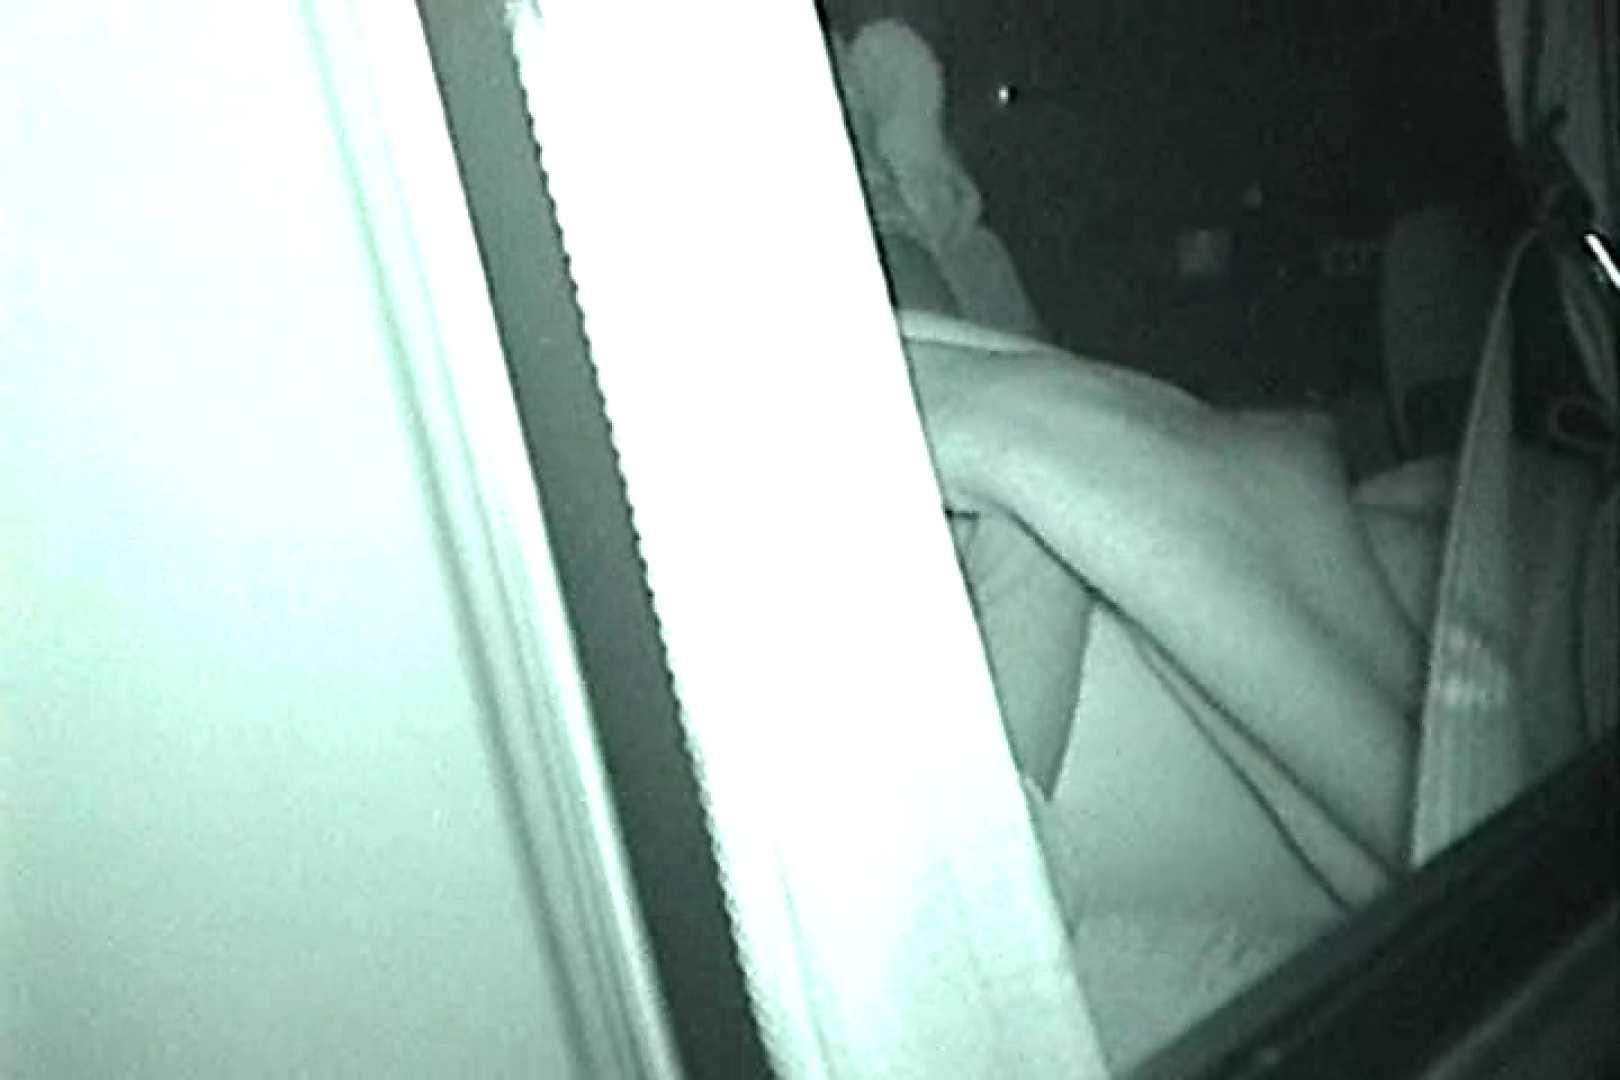 充血監督の深夜の運動会Vol.16 高画質 盗み撮り動画キャプチャ 109PIX 49